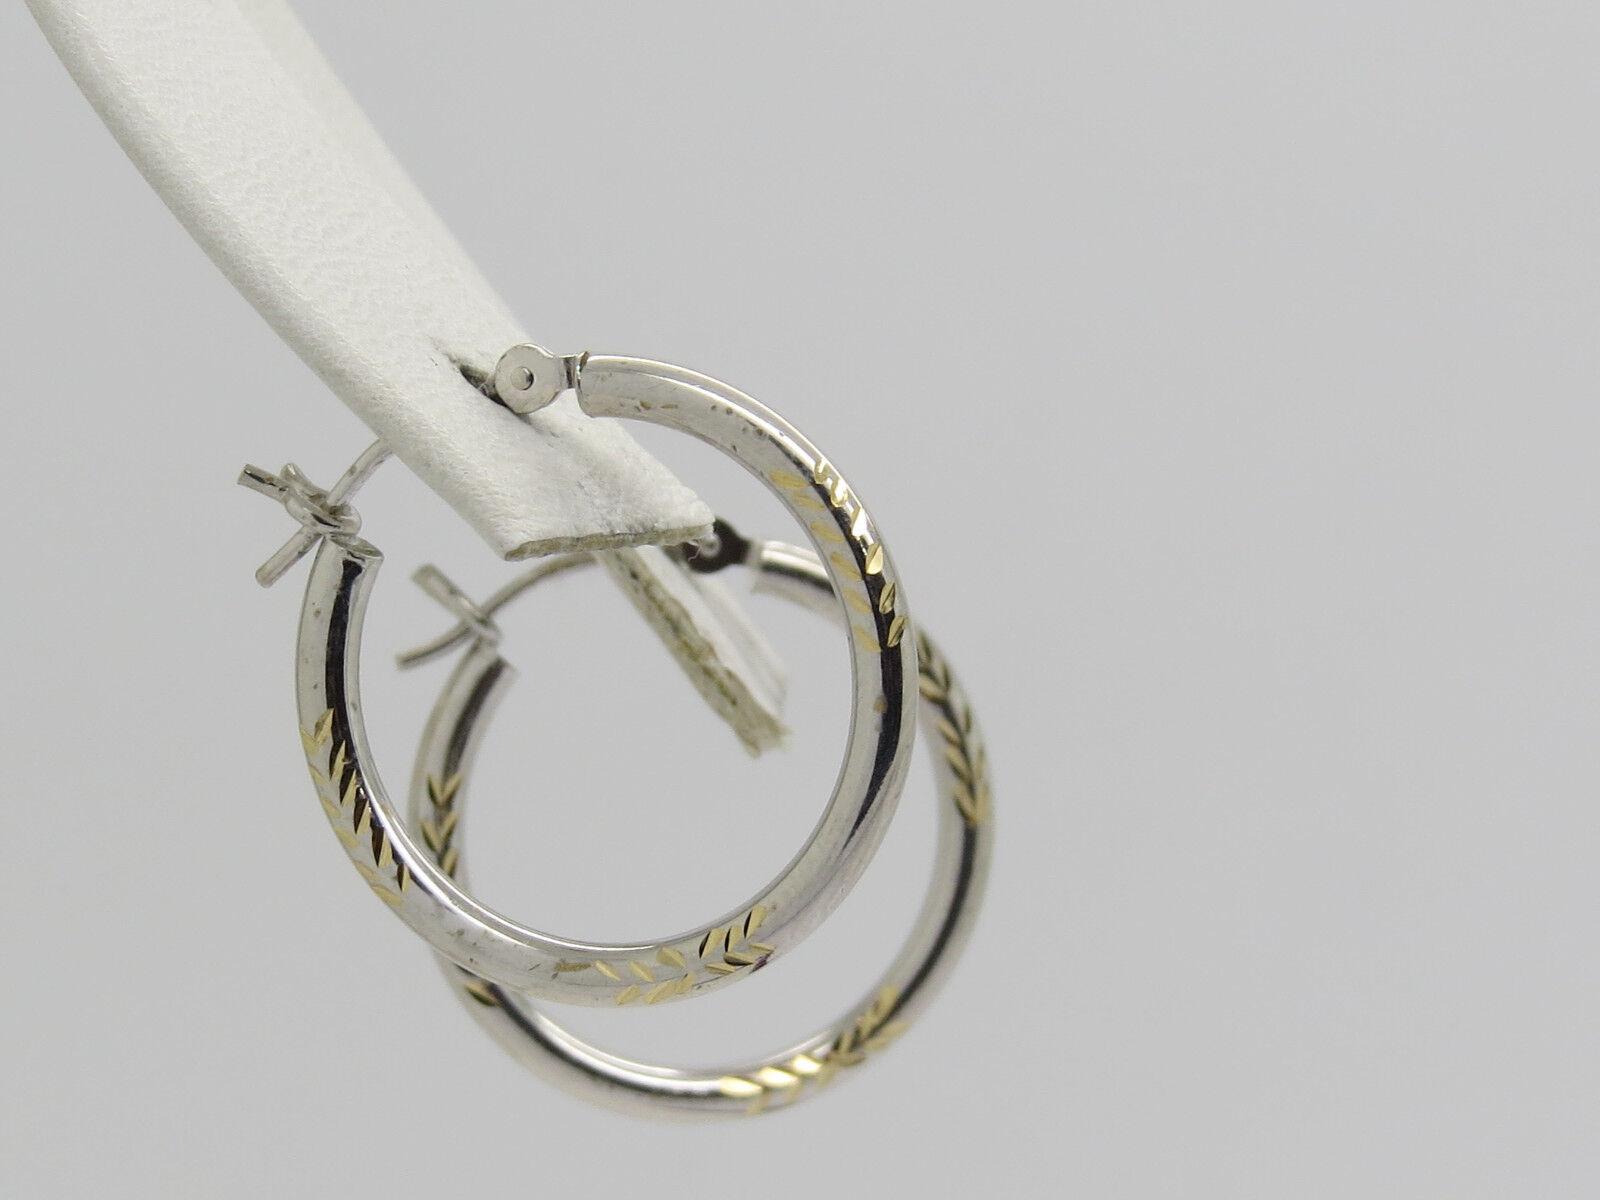 9b51355e6e969 Cut Diamond gold Yellow White 14k HOLLOW THIN 1.9mm Earrings 8 5 ...